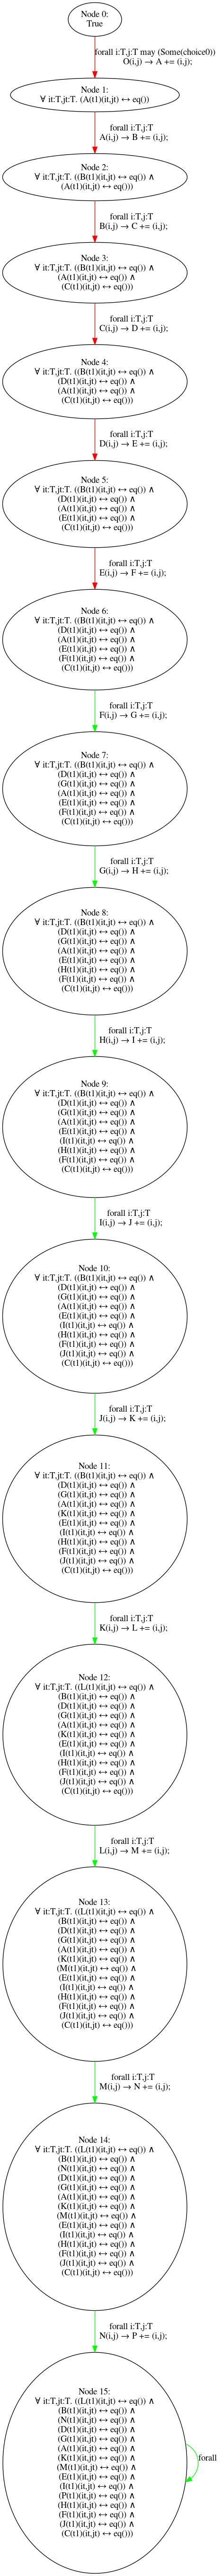 results/nonomitting/fixedarity15/fixedarity15_stubborn_alleq_10.png